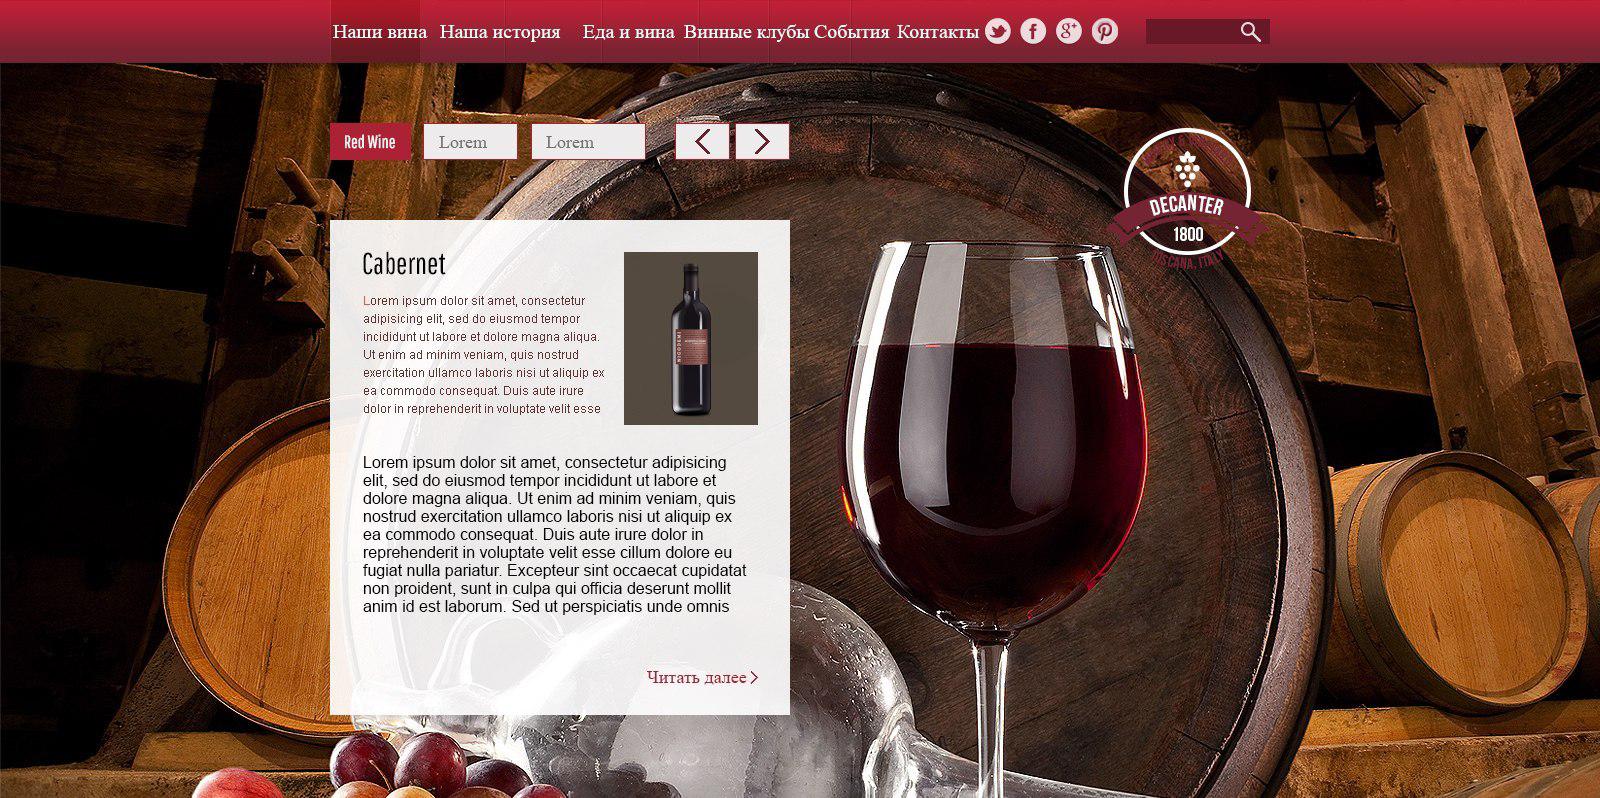 Дизайн винного магазина